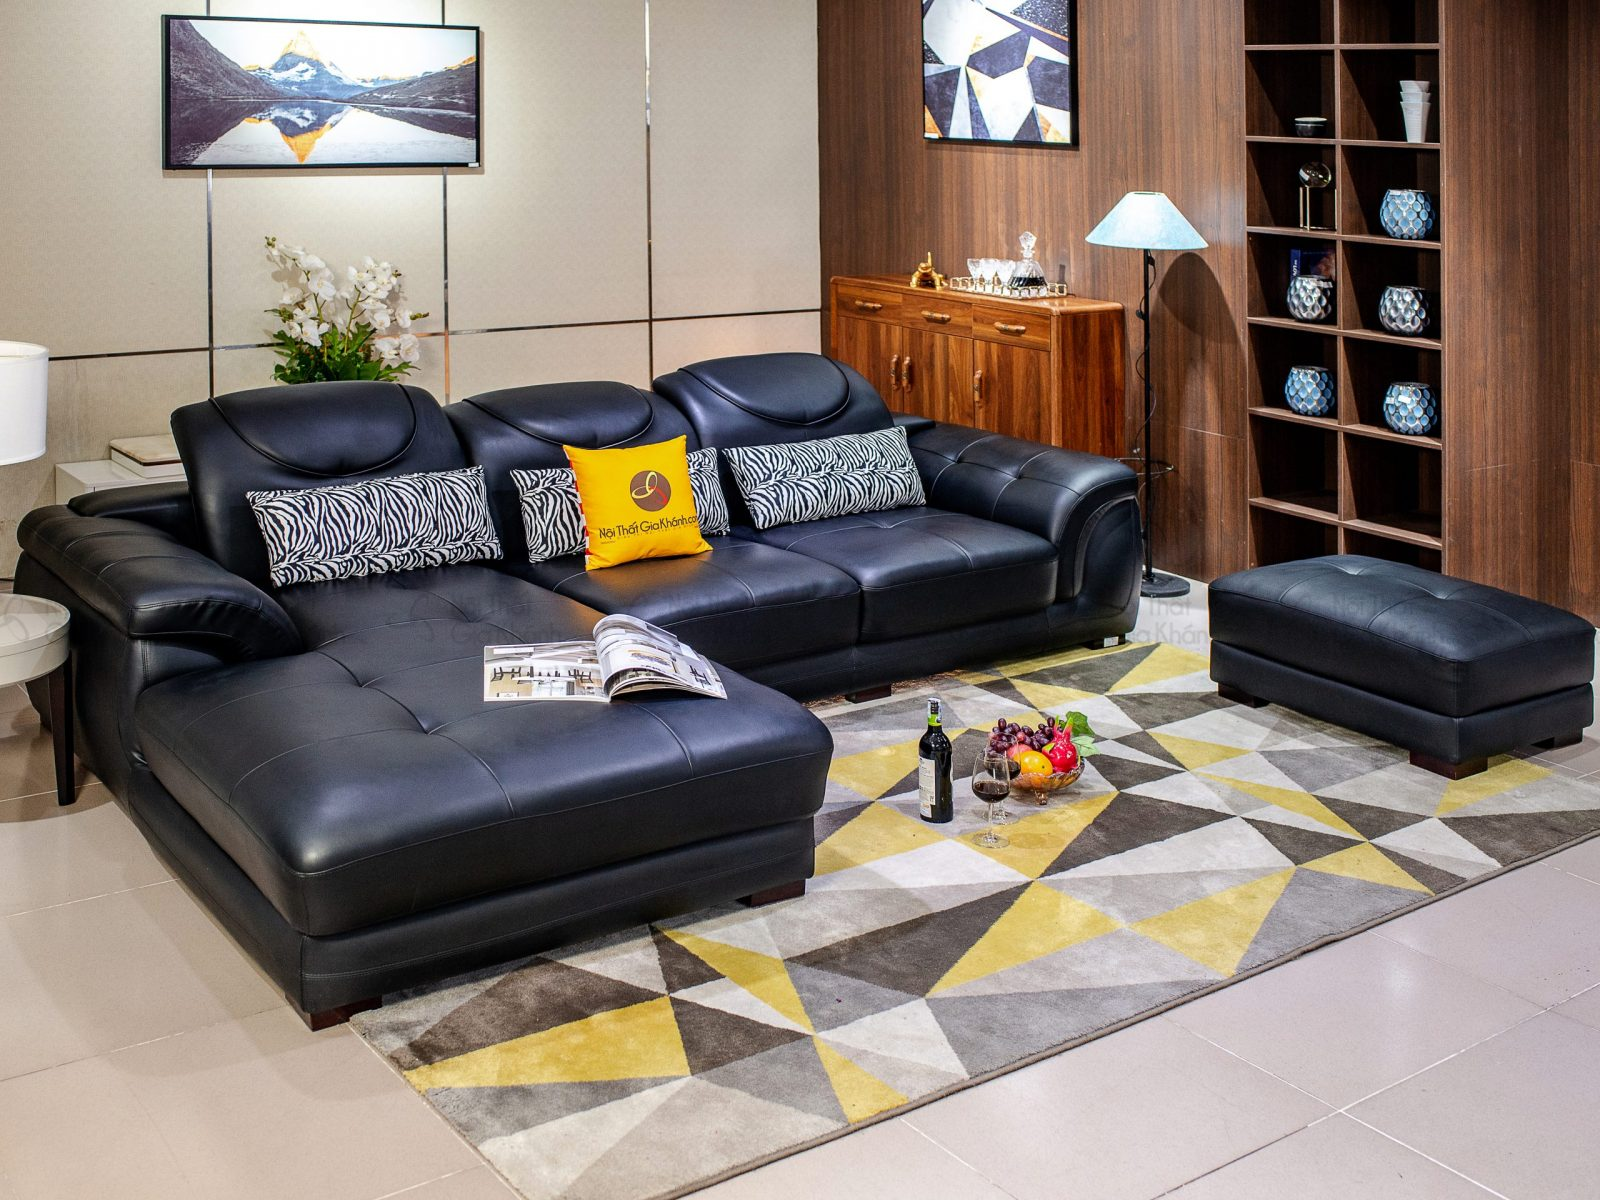 Sofa Da Màu Đen 2 Băng Góc Trái 9192B-Gp C1052